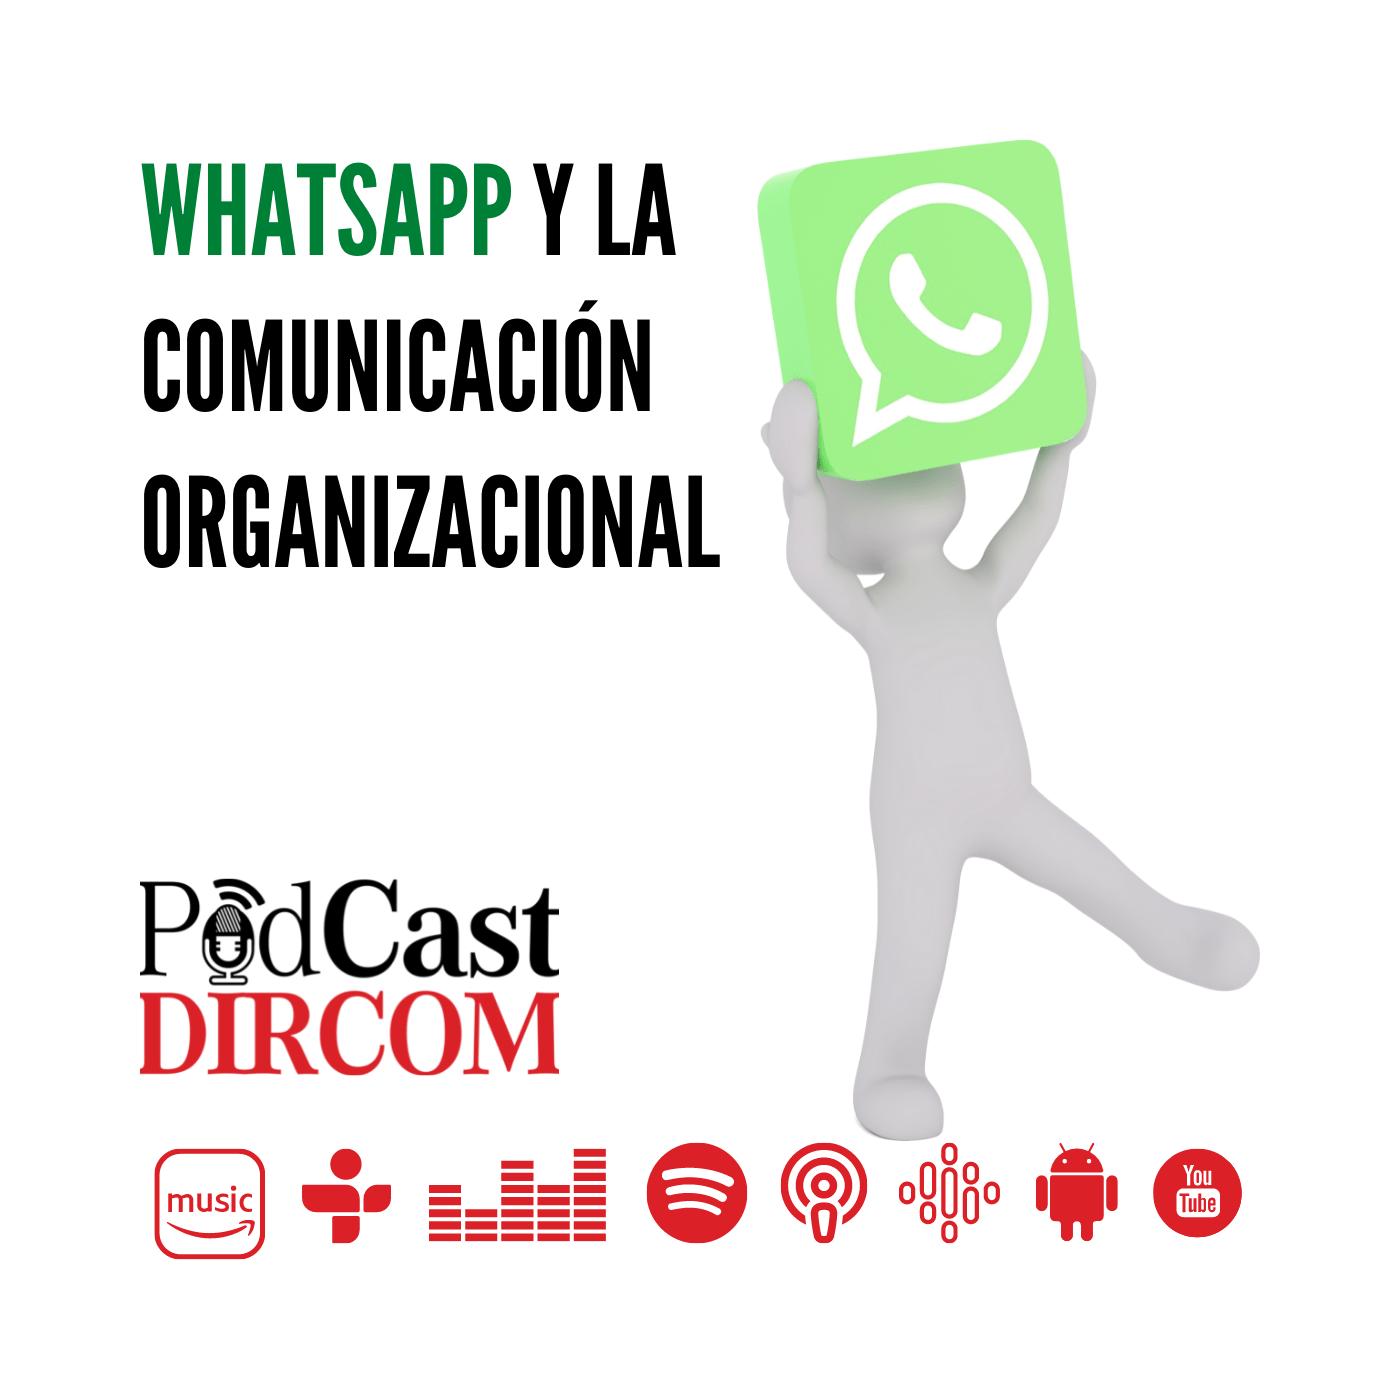 WhatsApp y la Comunicación Organizacional